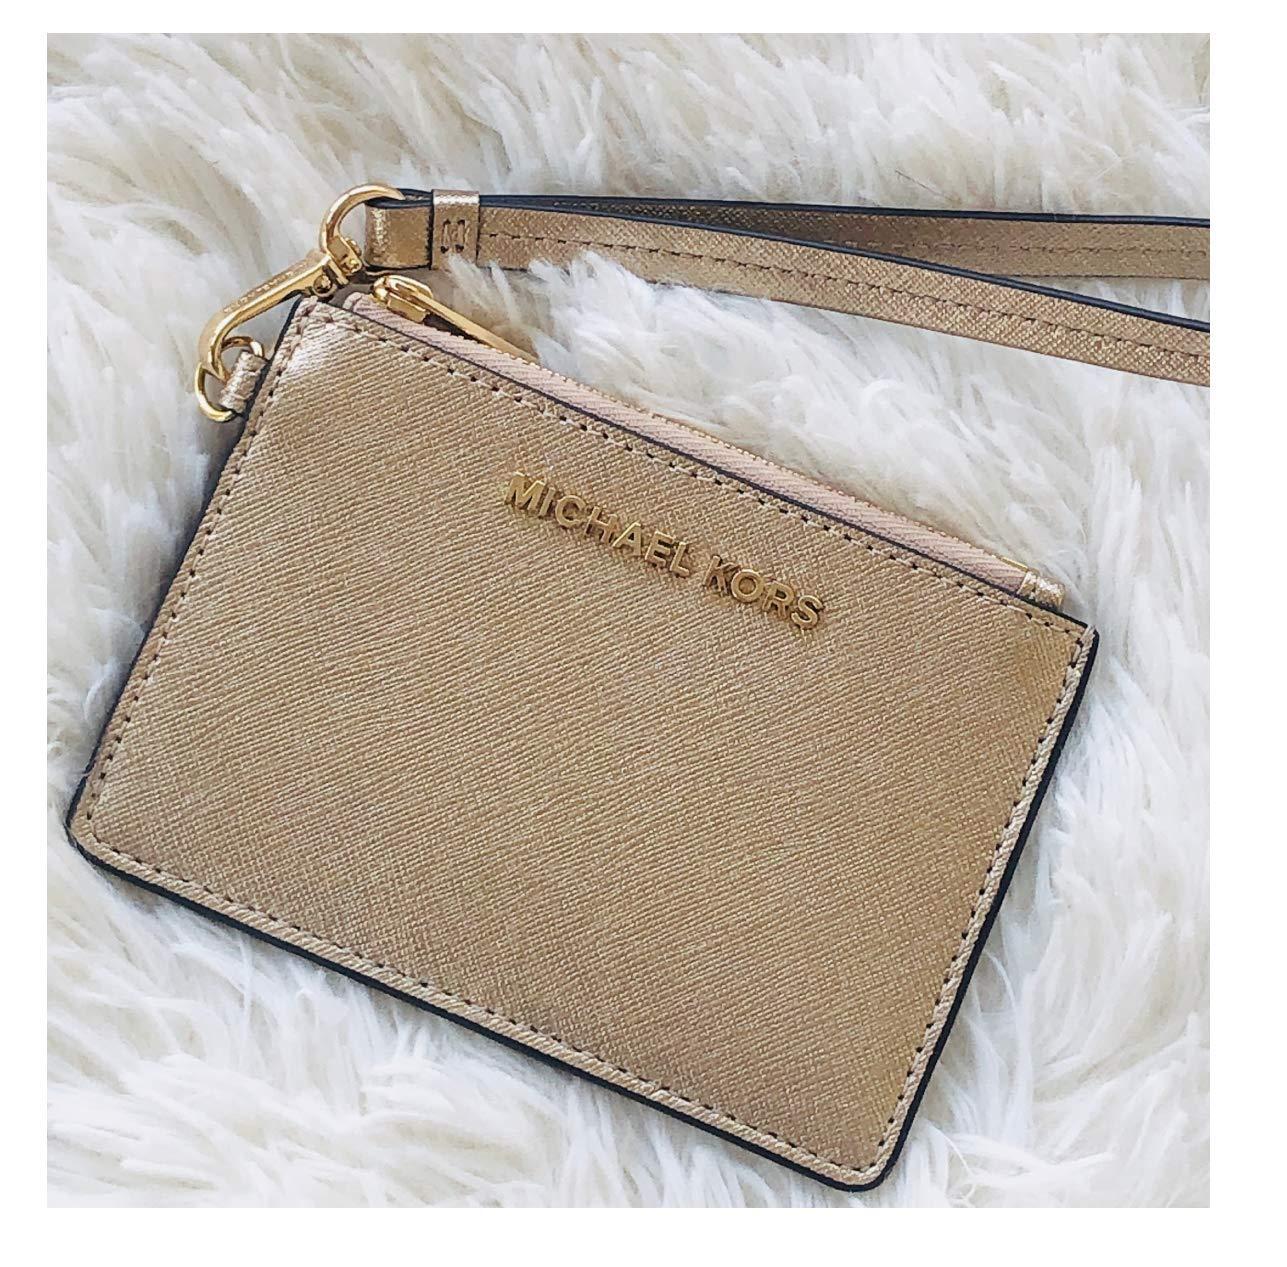 Michael Kors Jet Set Travel Coin Purse Wristlet Card Case Wallet (Pale Gold)